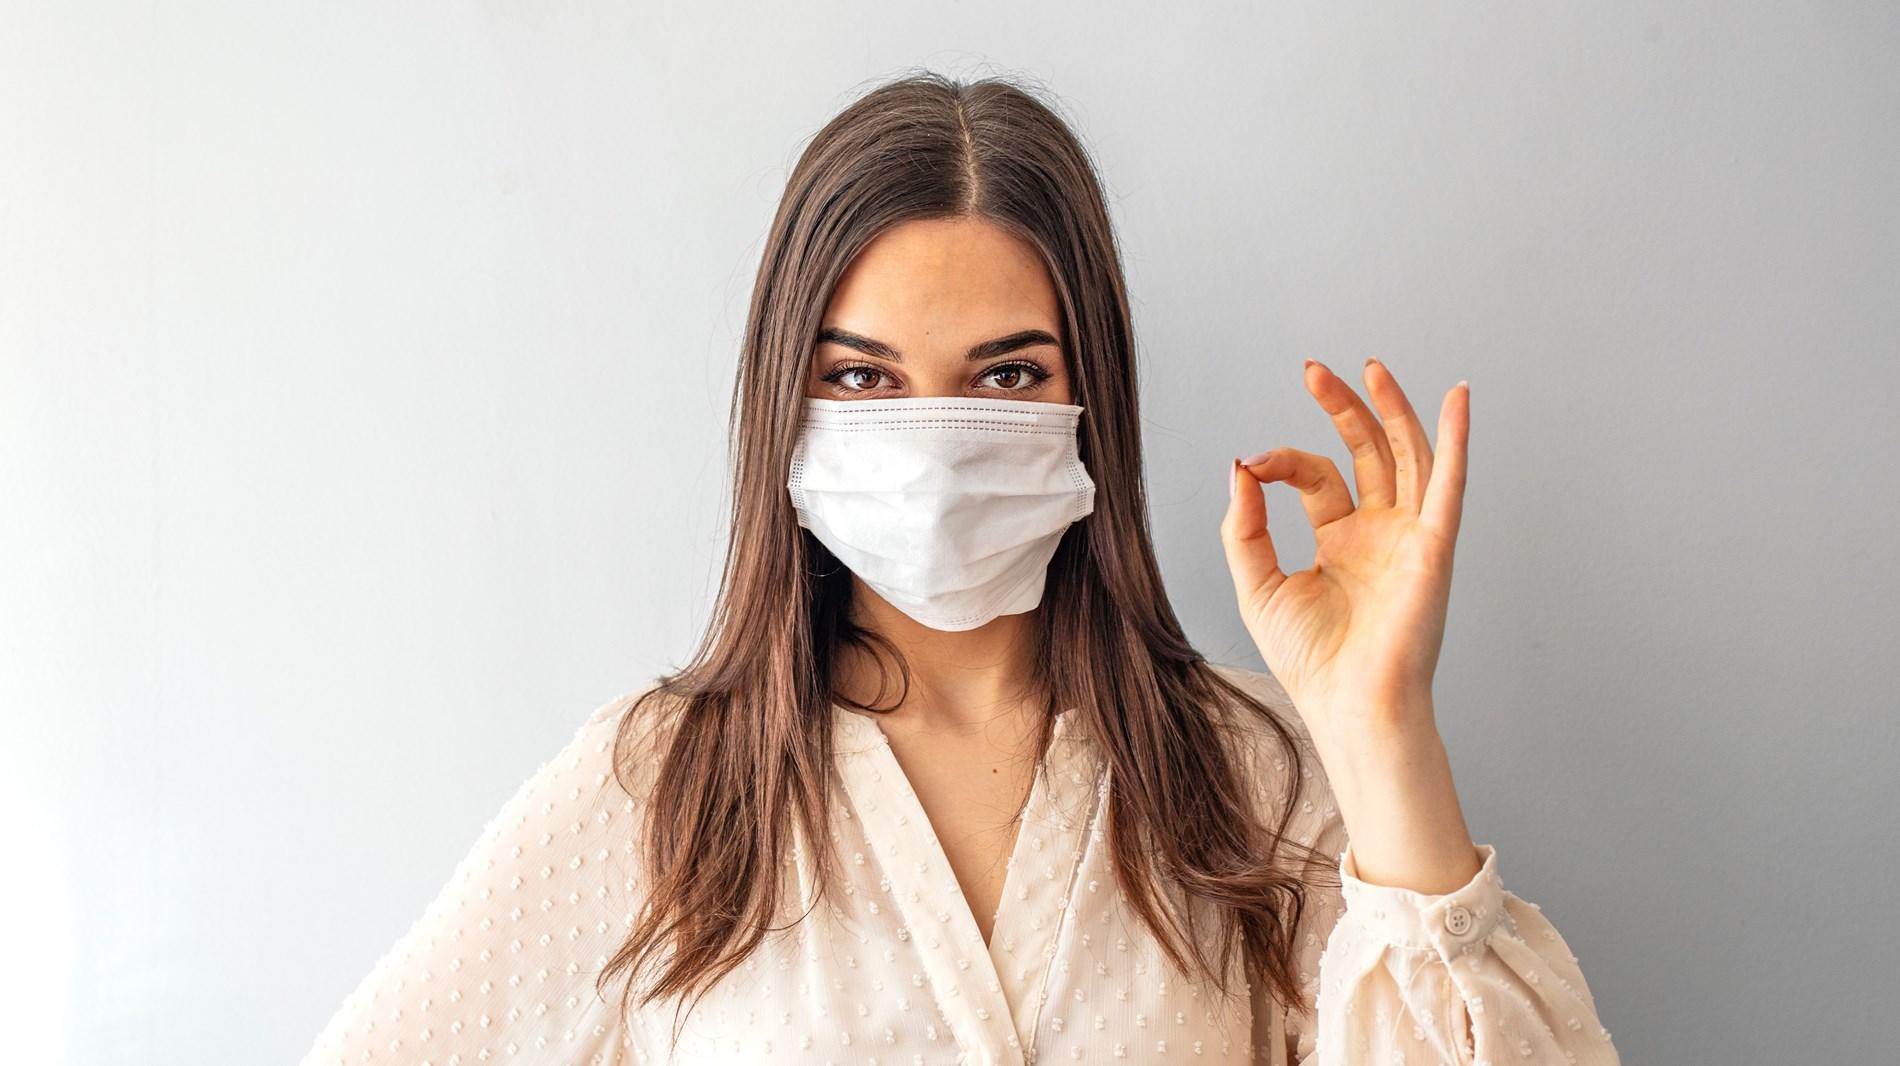 5 تمارين للتنفس تساعد مرضى كورونا على زيادة إمدادات الأكسجين في أجسامهم